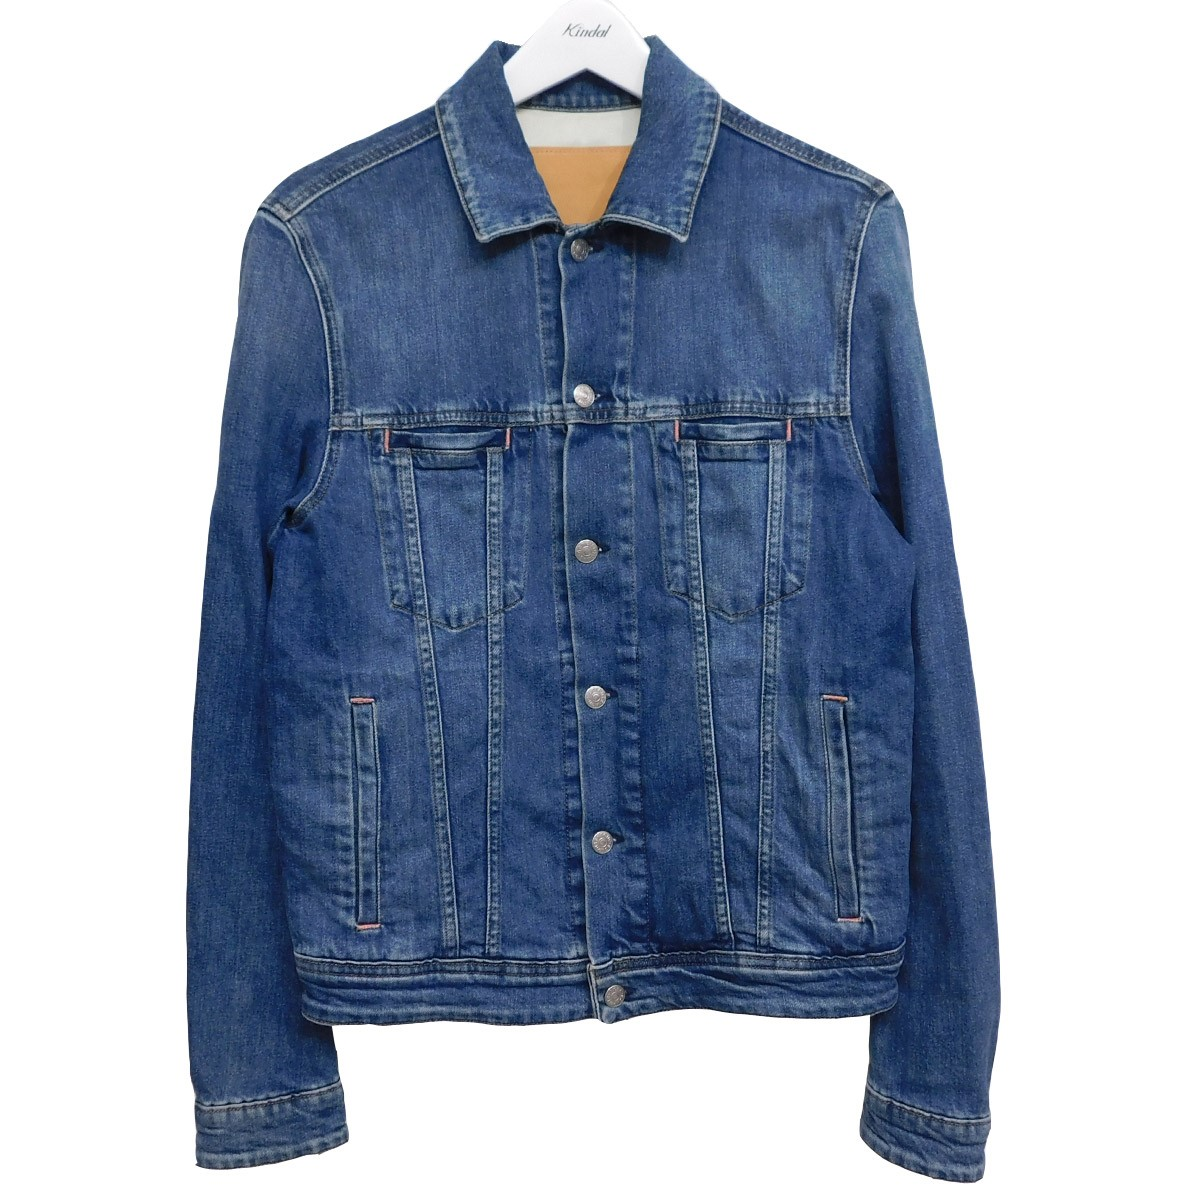 【中古】ACNE STUDIOS Bla Konst Pass Mid Blue デニムトラッカージャケット インディゴ サイズ:46 【140720】(アクネストゥディオズ ブロコンスト)